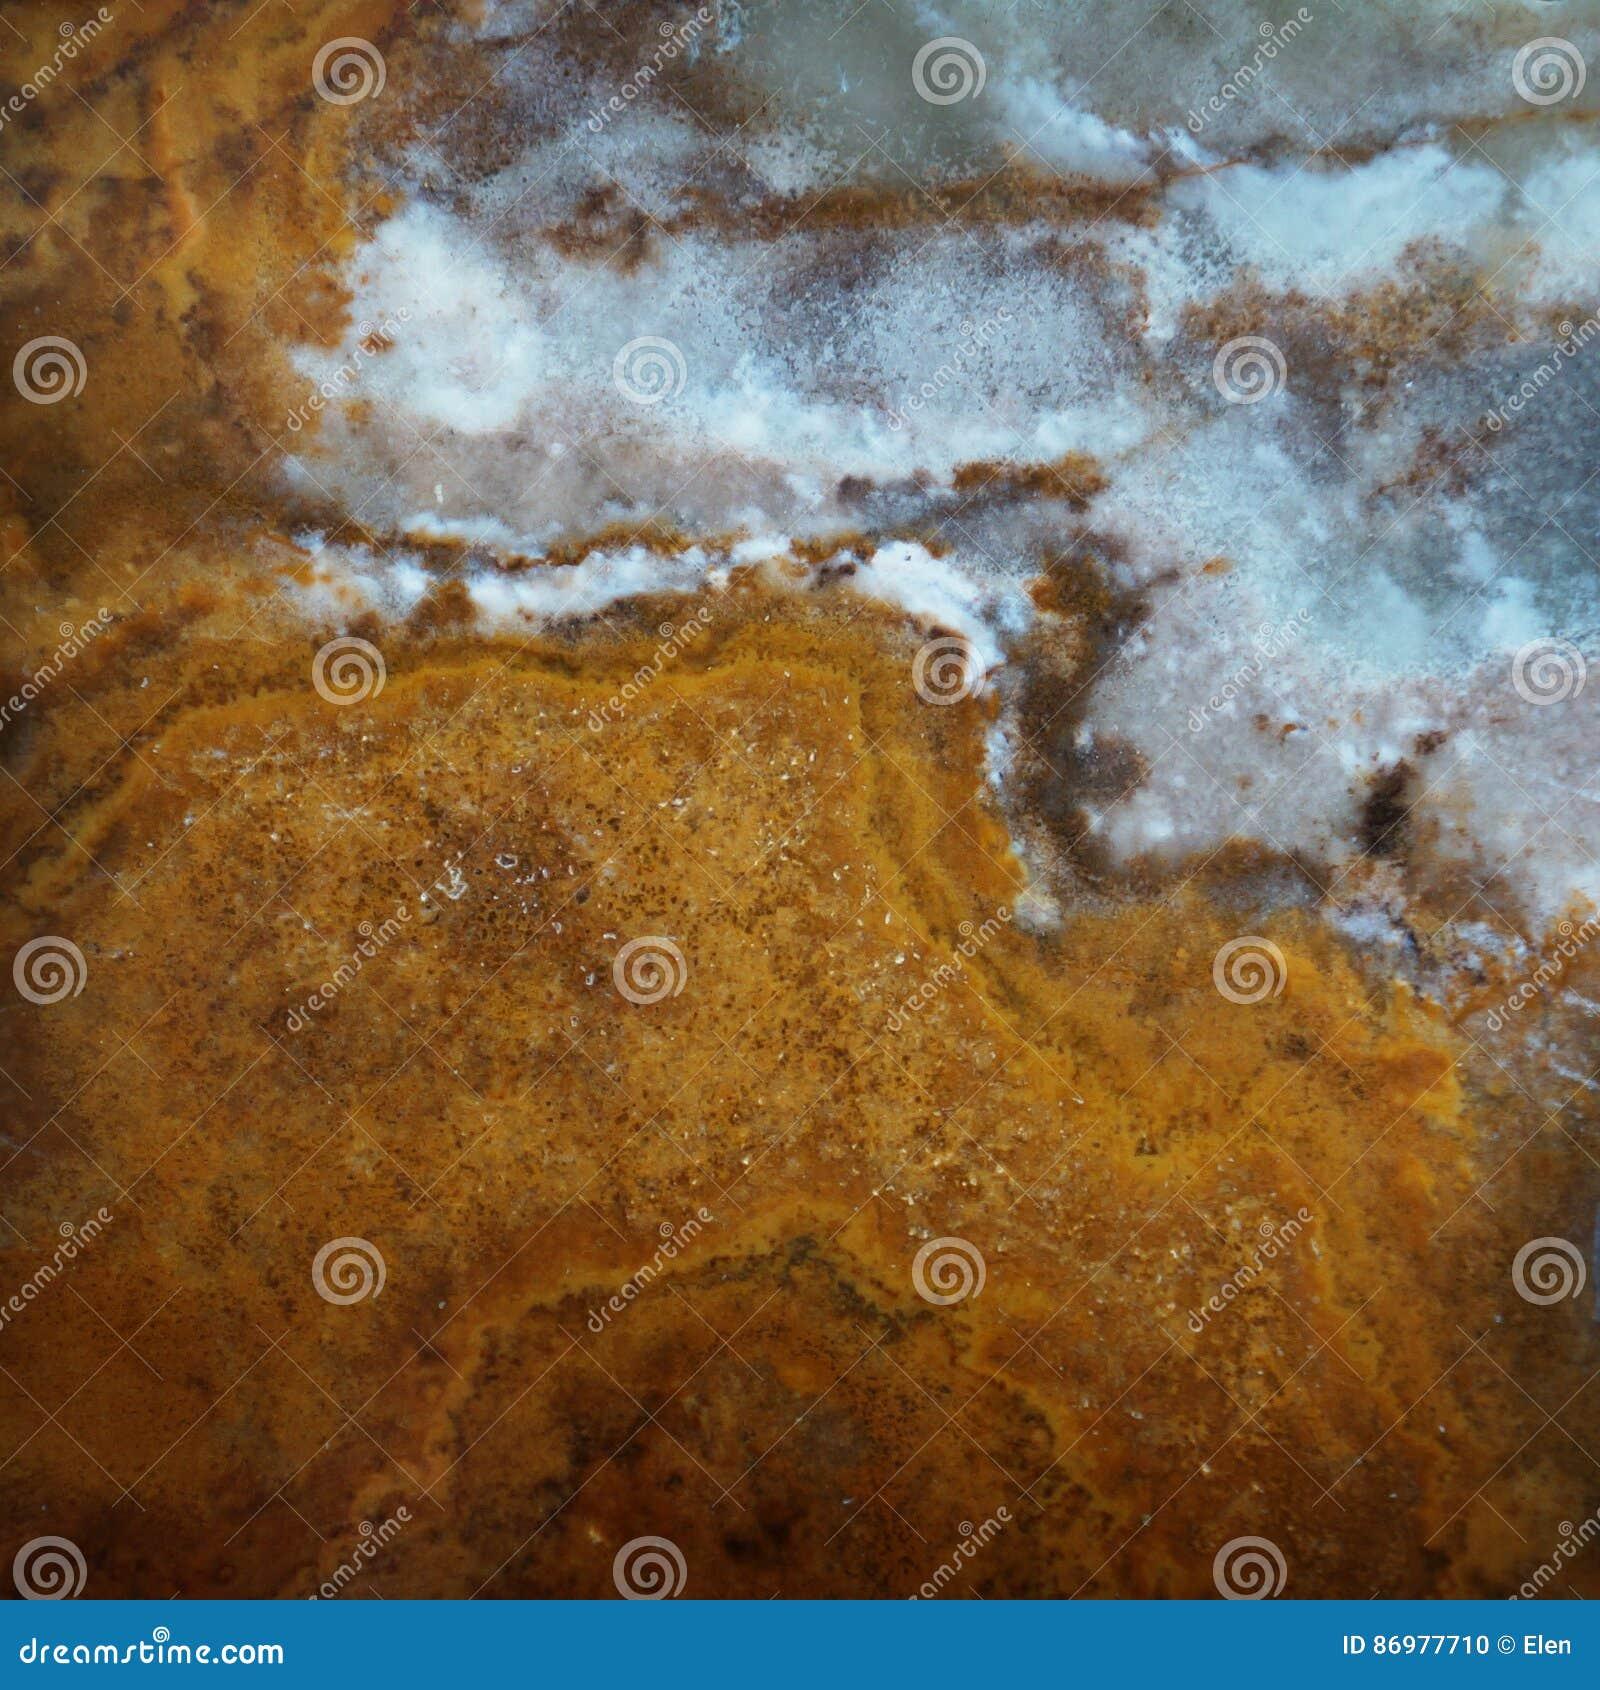 Macro texture of nature - jasper